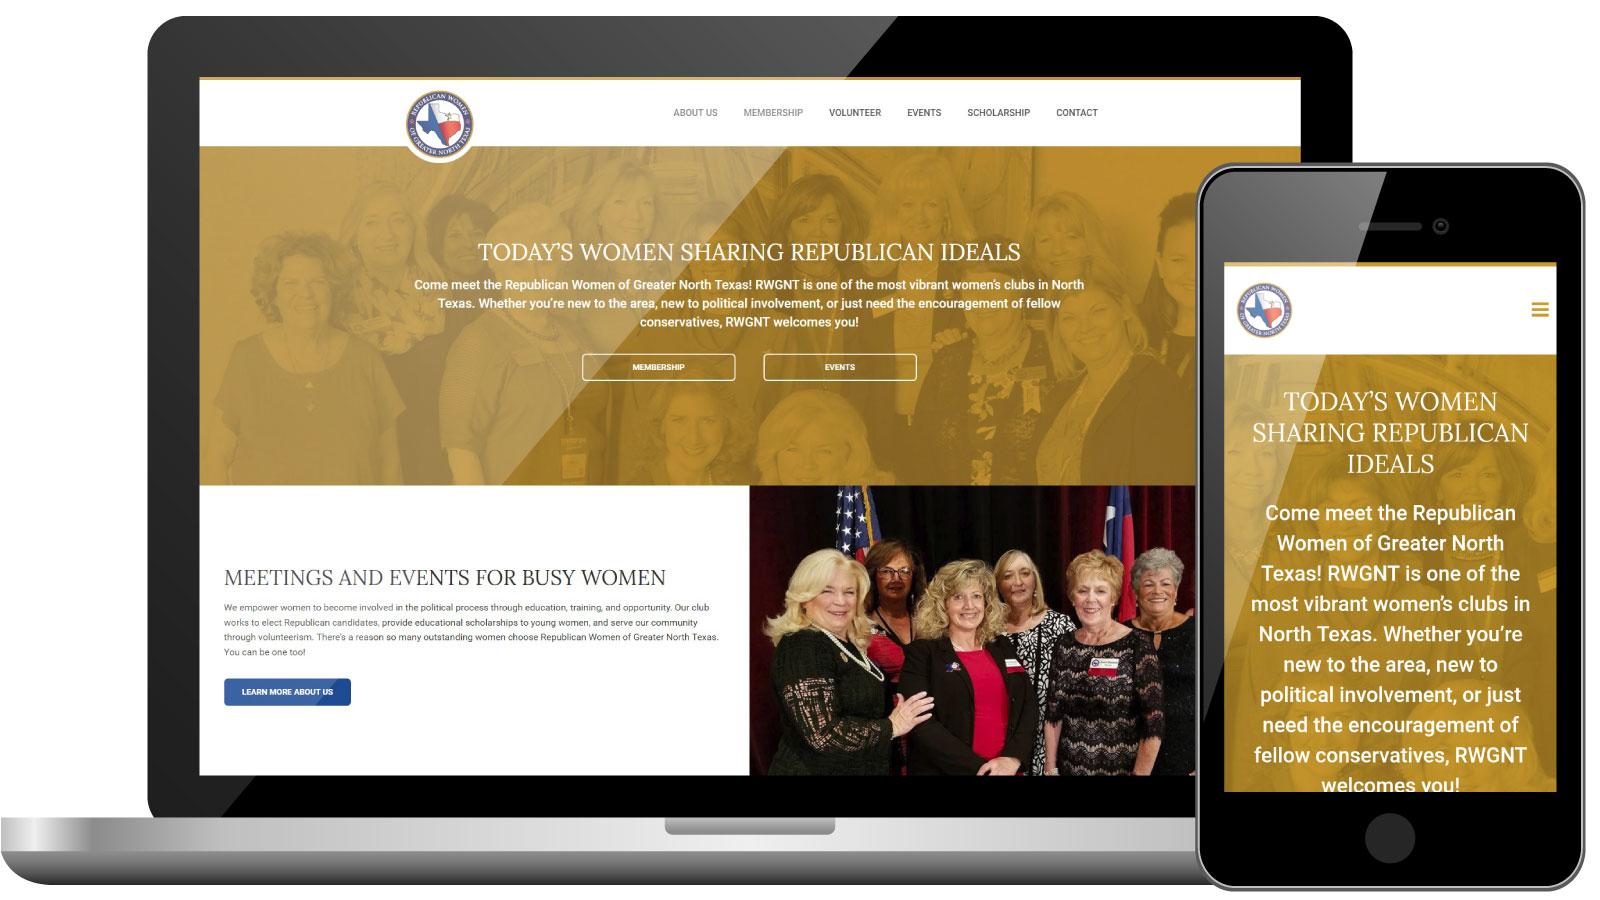 Republican Women's Group Website Design & Development